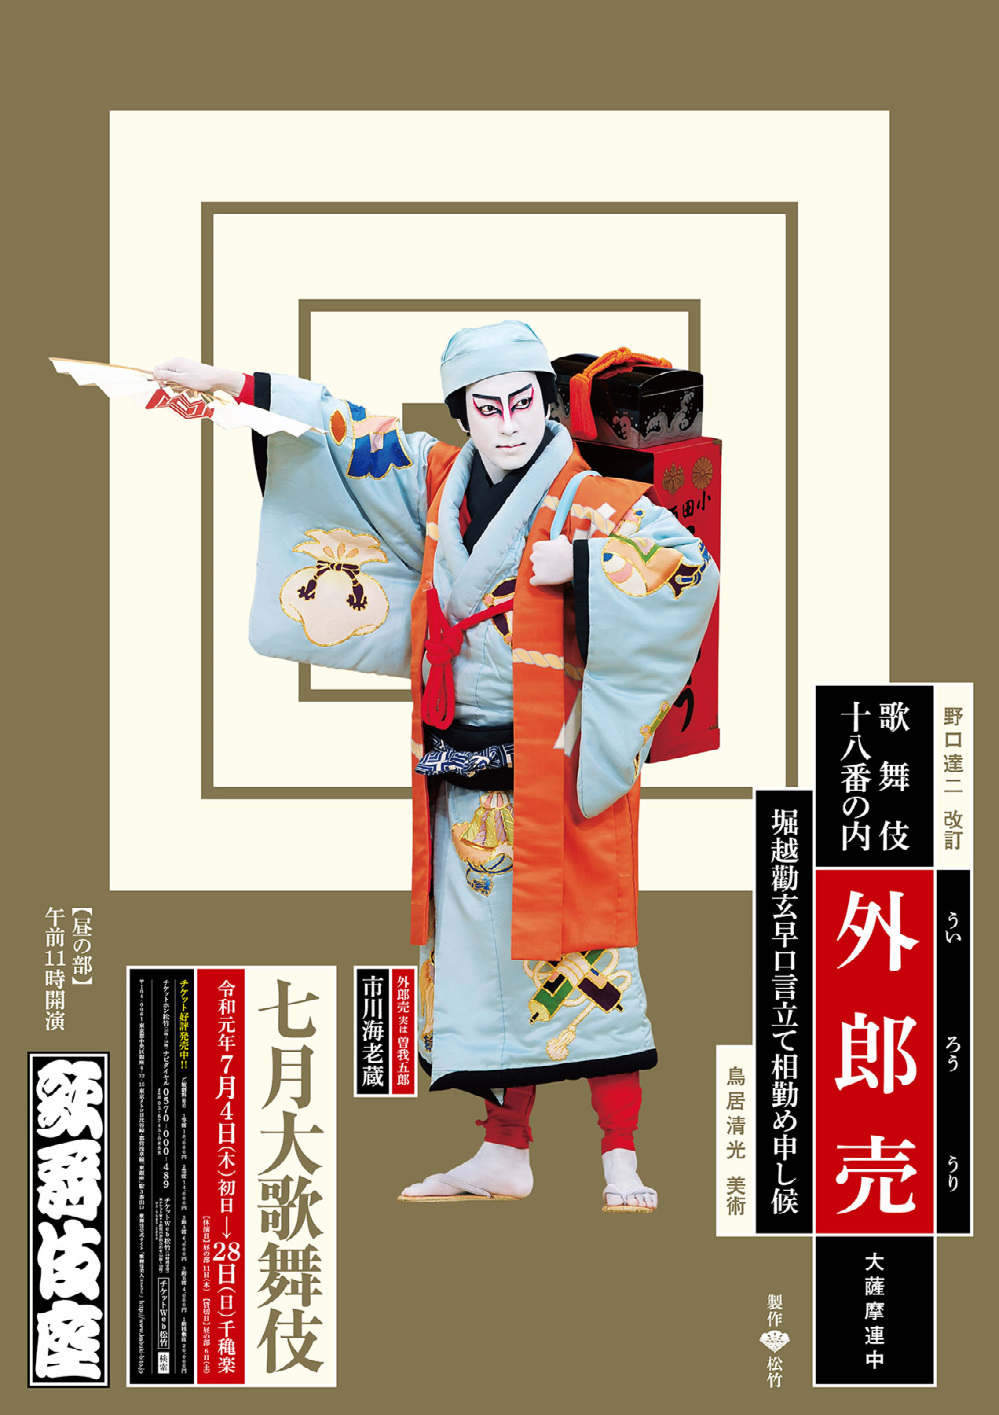 歌舞伎座『外郎売』特別ポスター公開